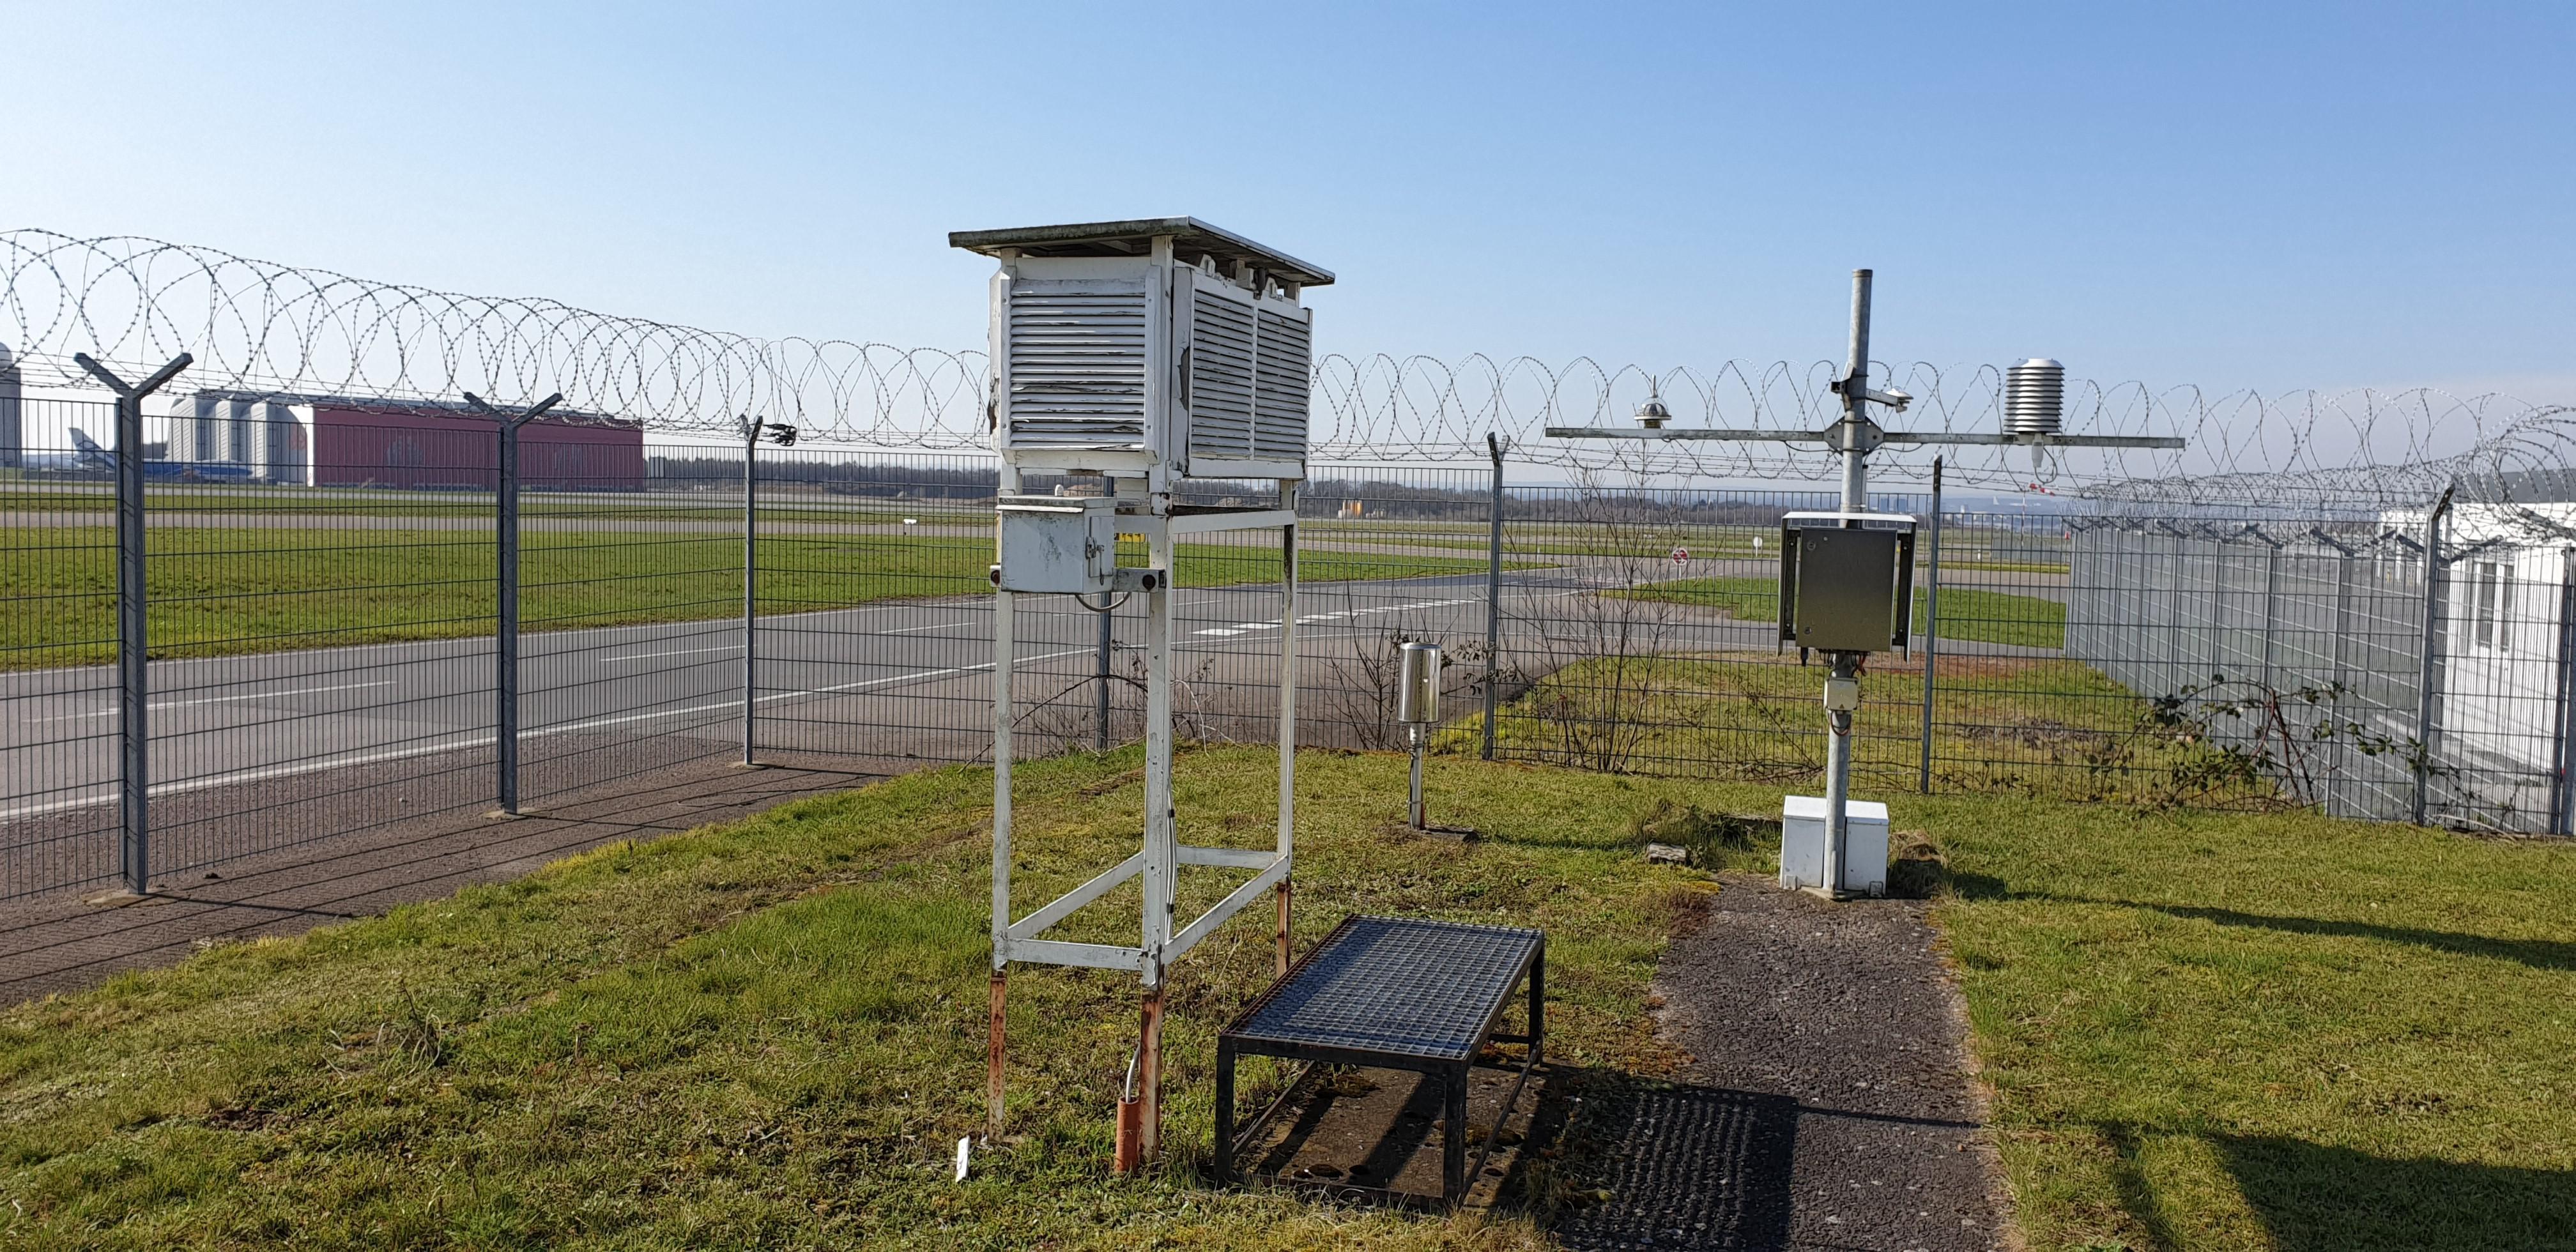 Données climatologiques mises à disposition en libre-accès par MeteoLux